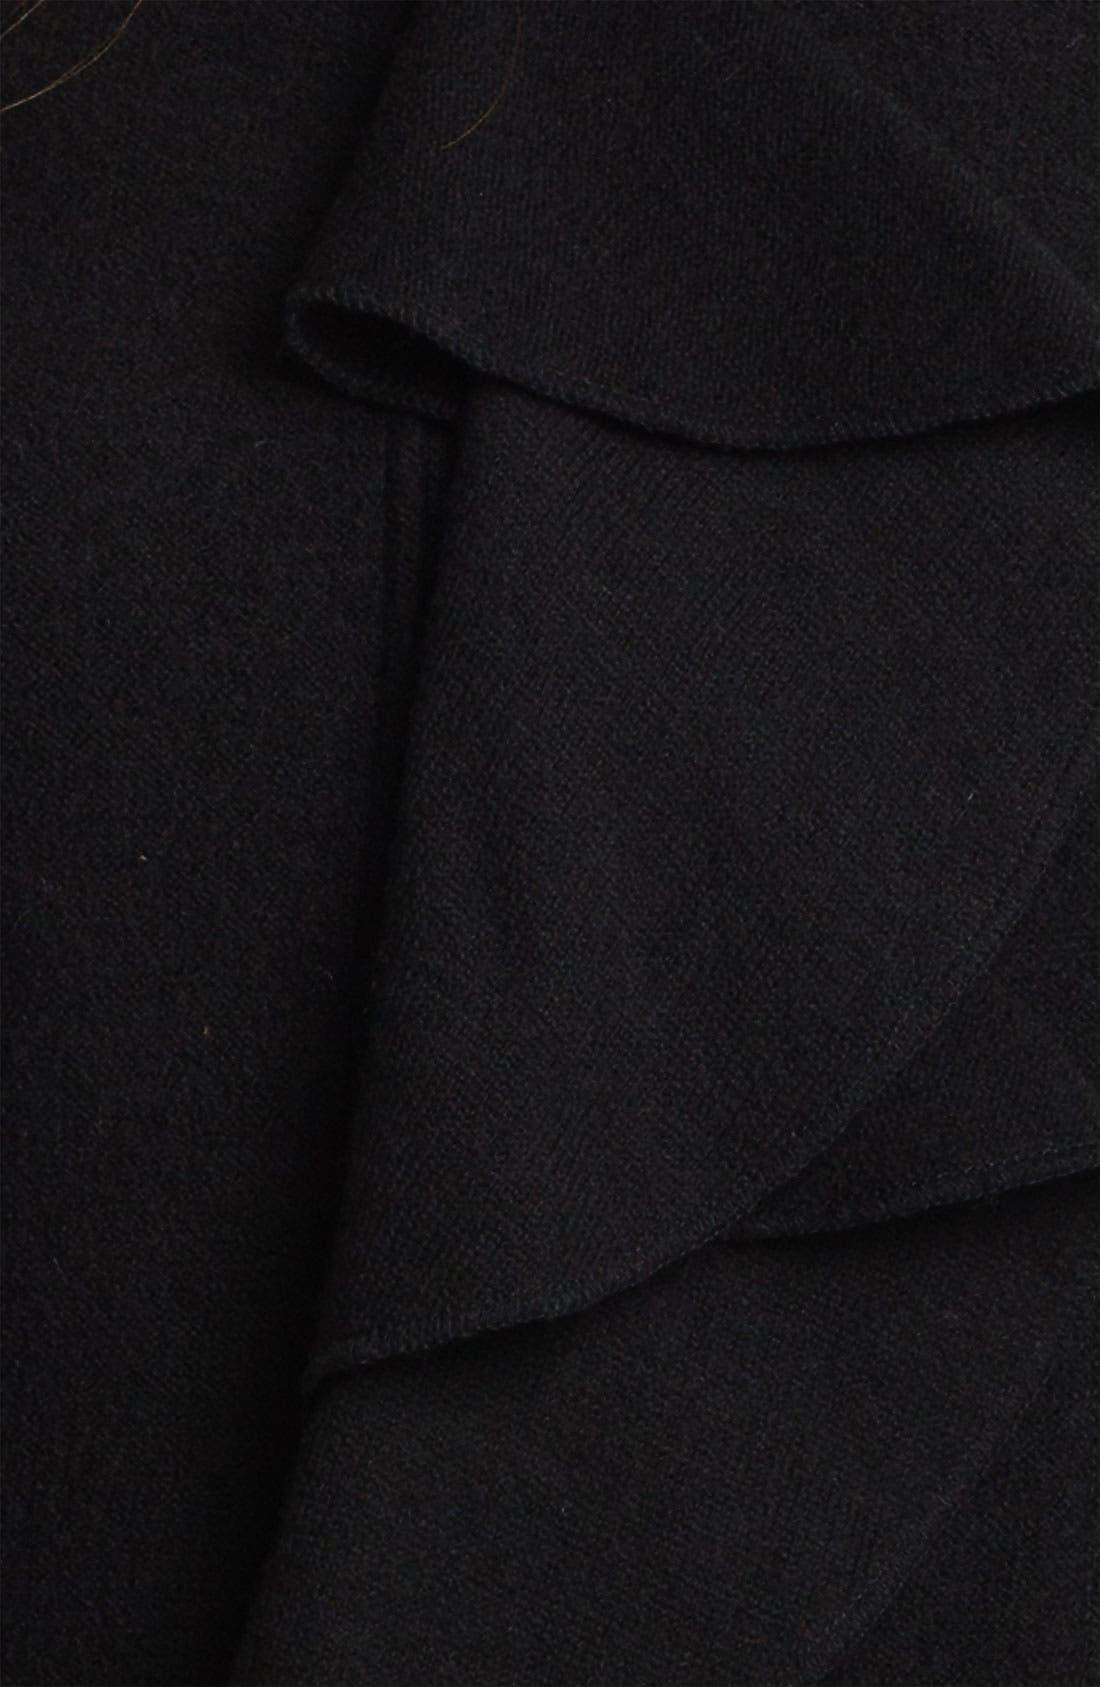 Alternate Image 3  - Beatrix Ost Ruffled Zip Front Jacket (Online Exclusive)